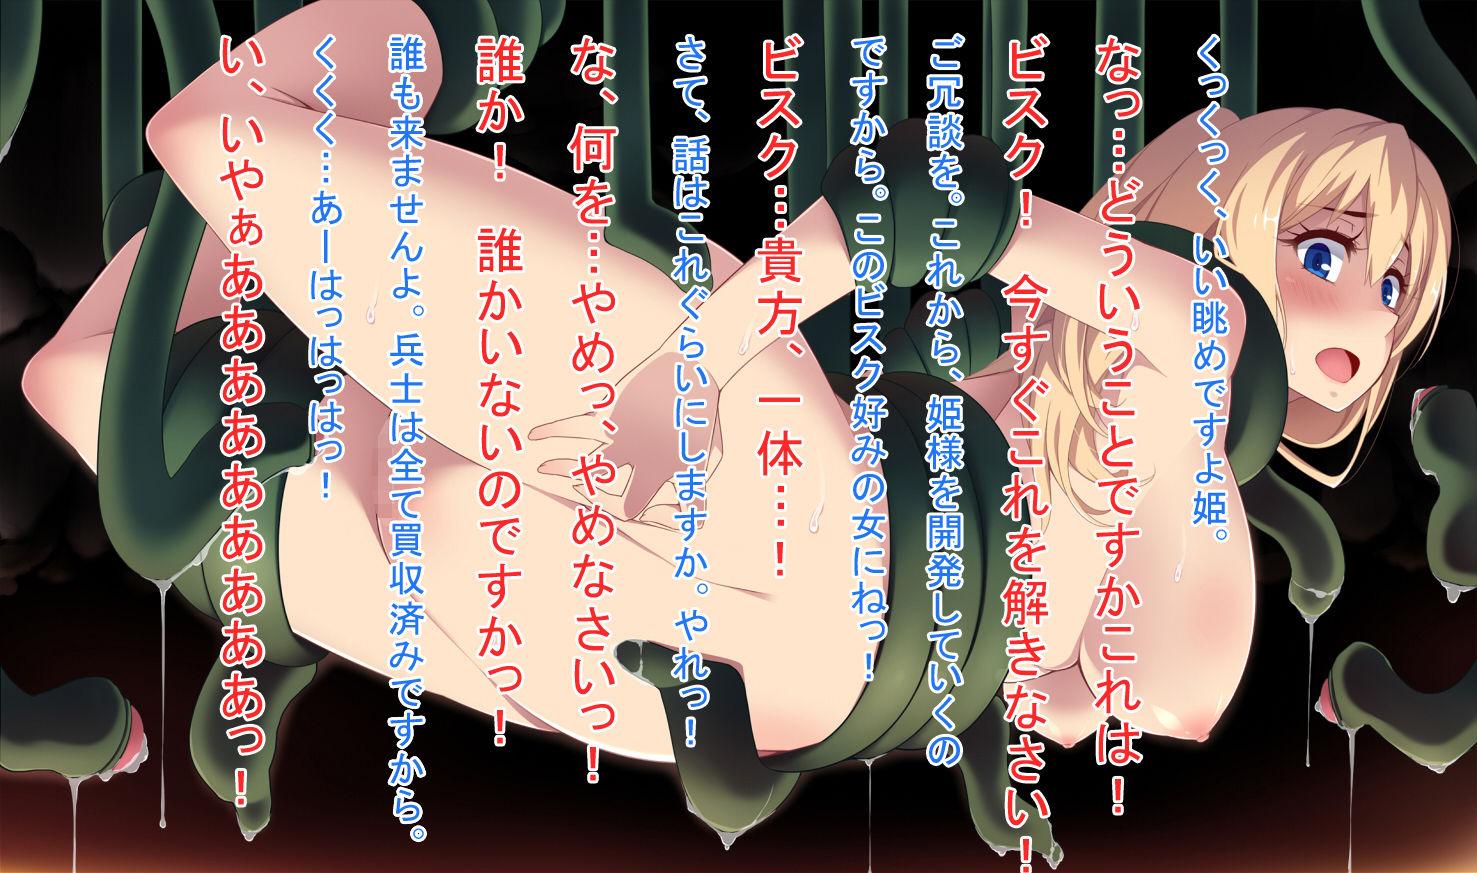 【ネロンソフト 同人】姫騎士の陵辱